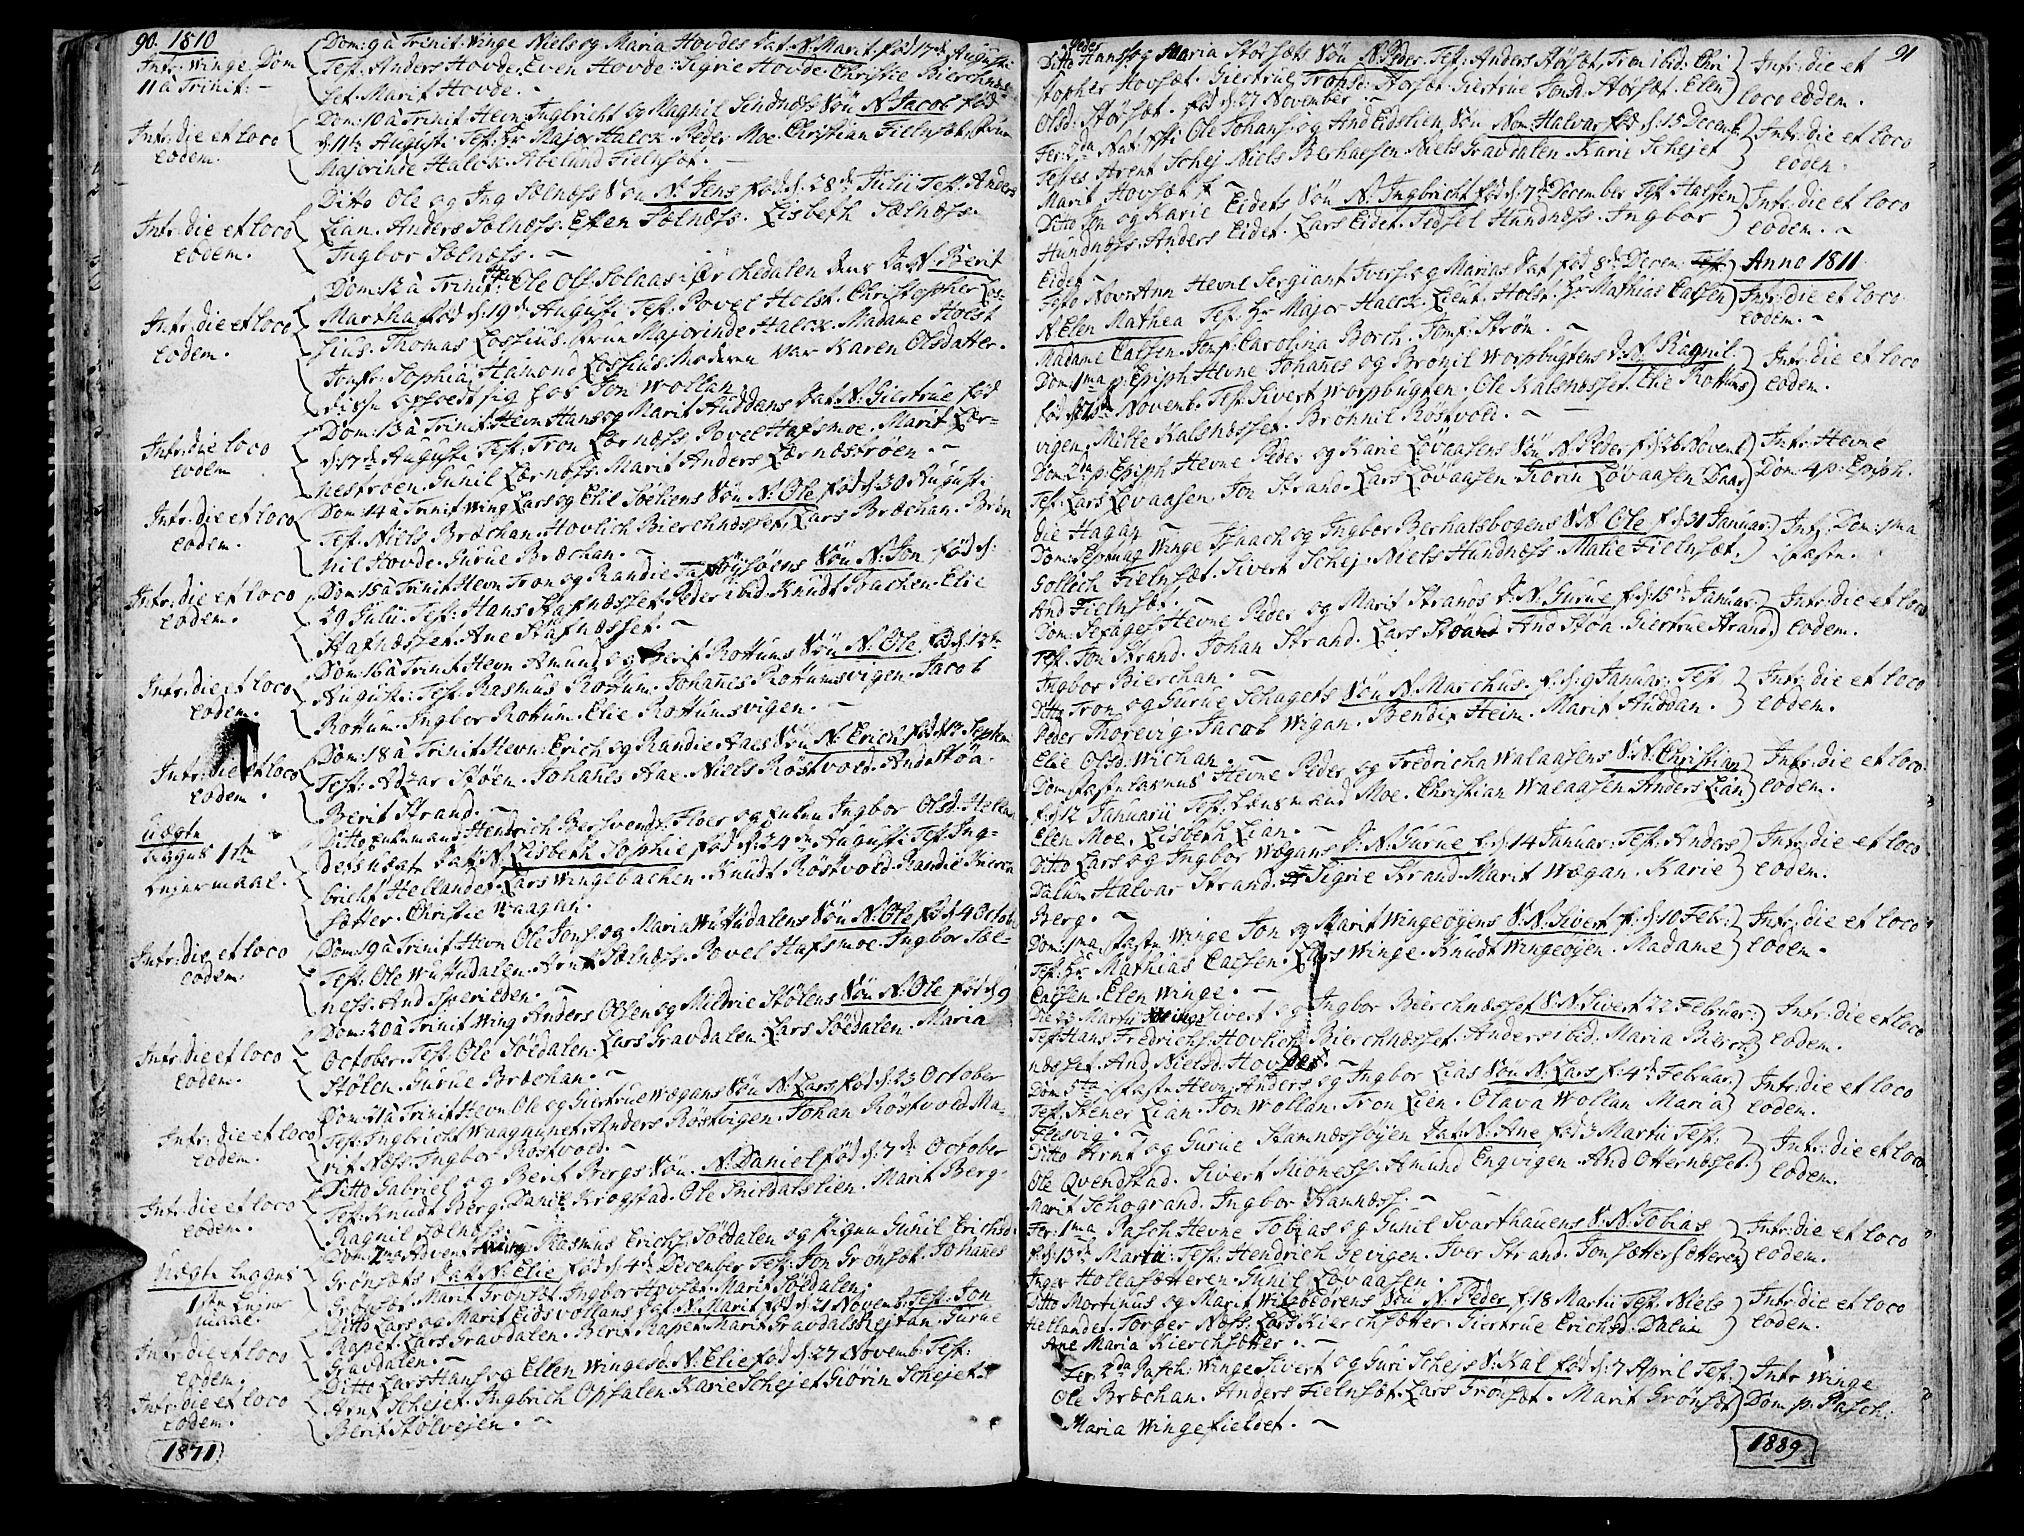 SAT, Ministerialprotokoller, klokkerbøker og fødselsregistre - Sør-Trøndelag, 630/L0490: Ministerialbok nr. 630A03, 1795-1818, s. 90-91